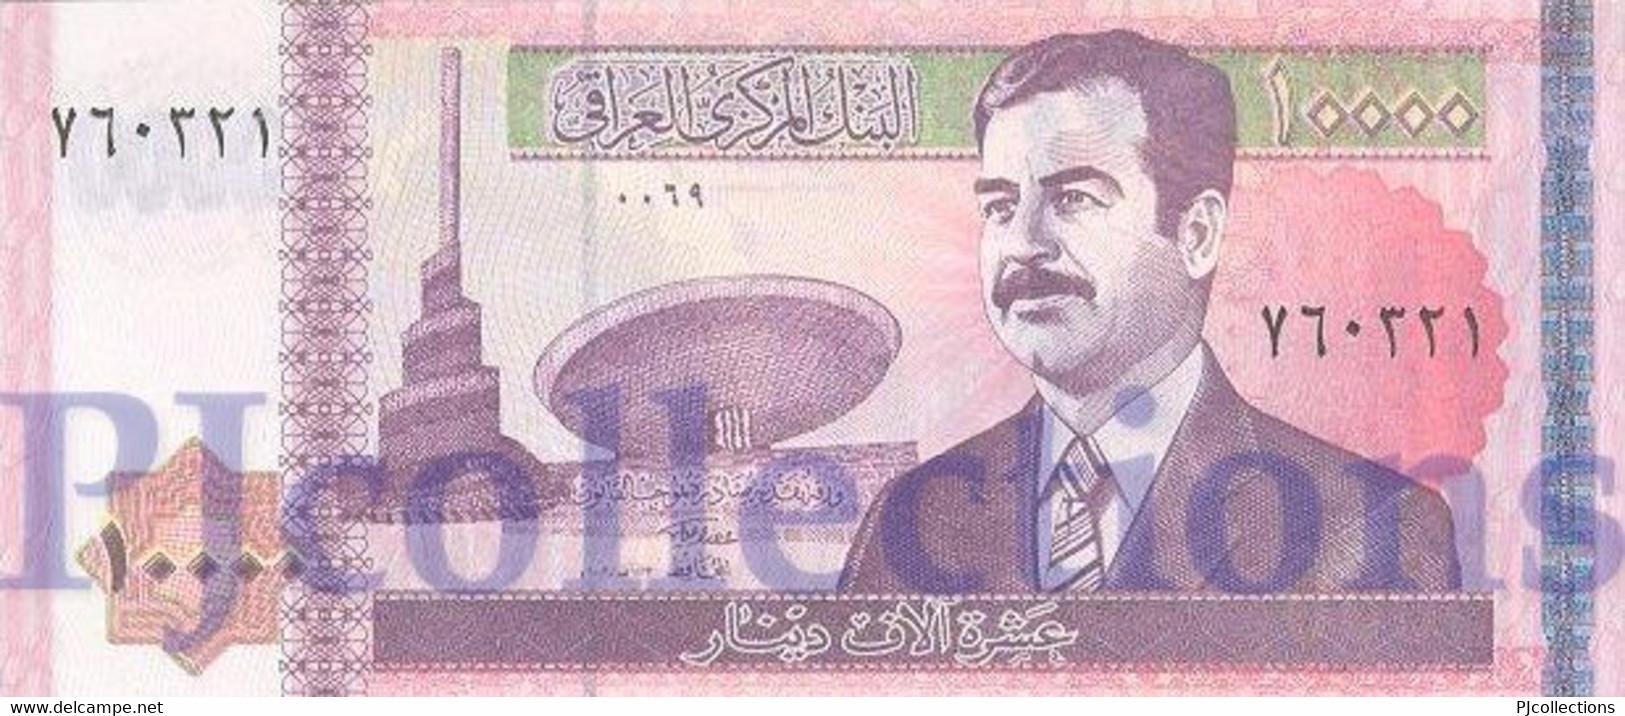 IRAQ 10.000 DINARS 2002 PICK 89 UNC - Iraq